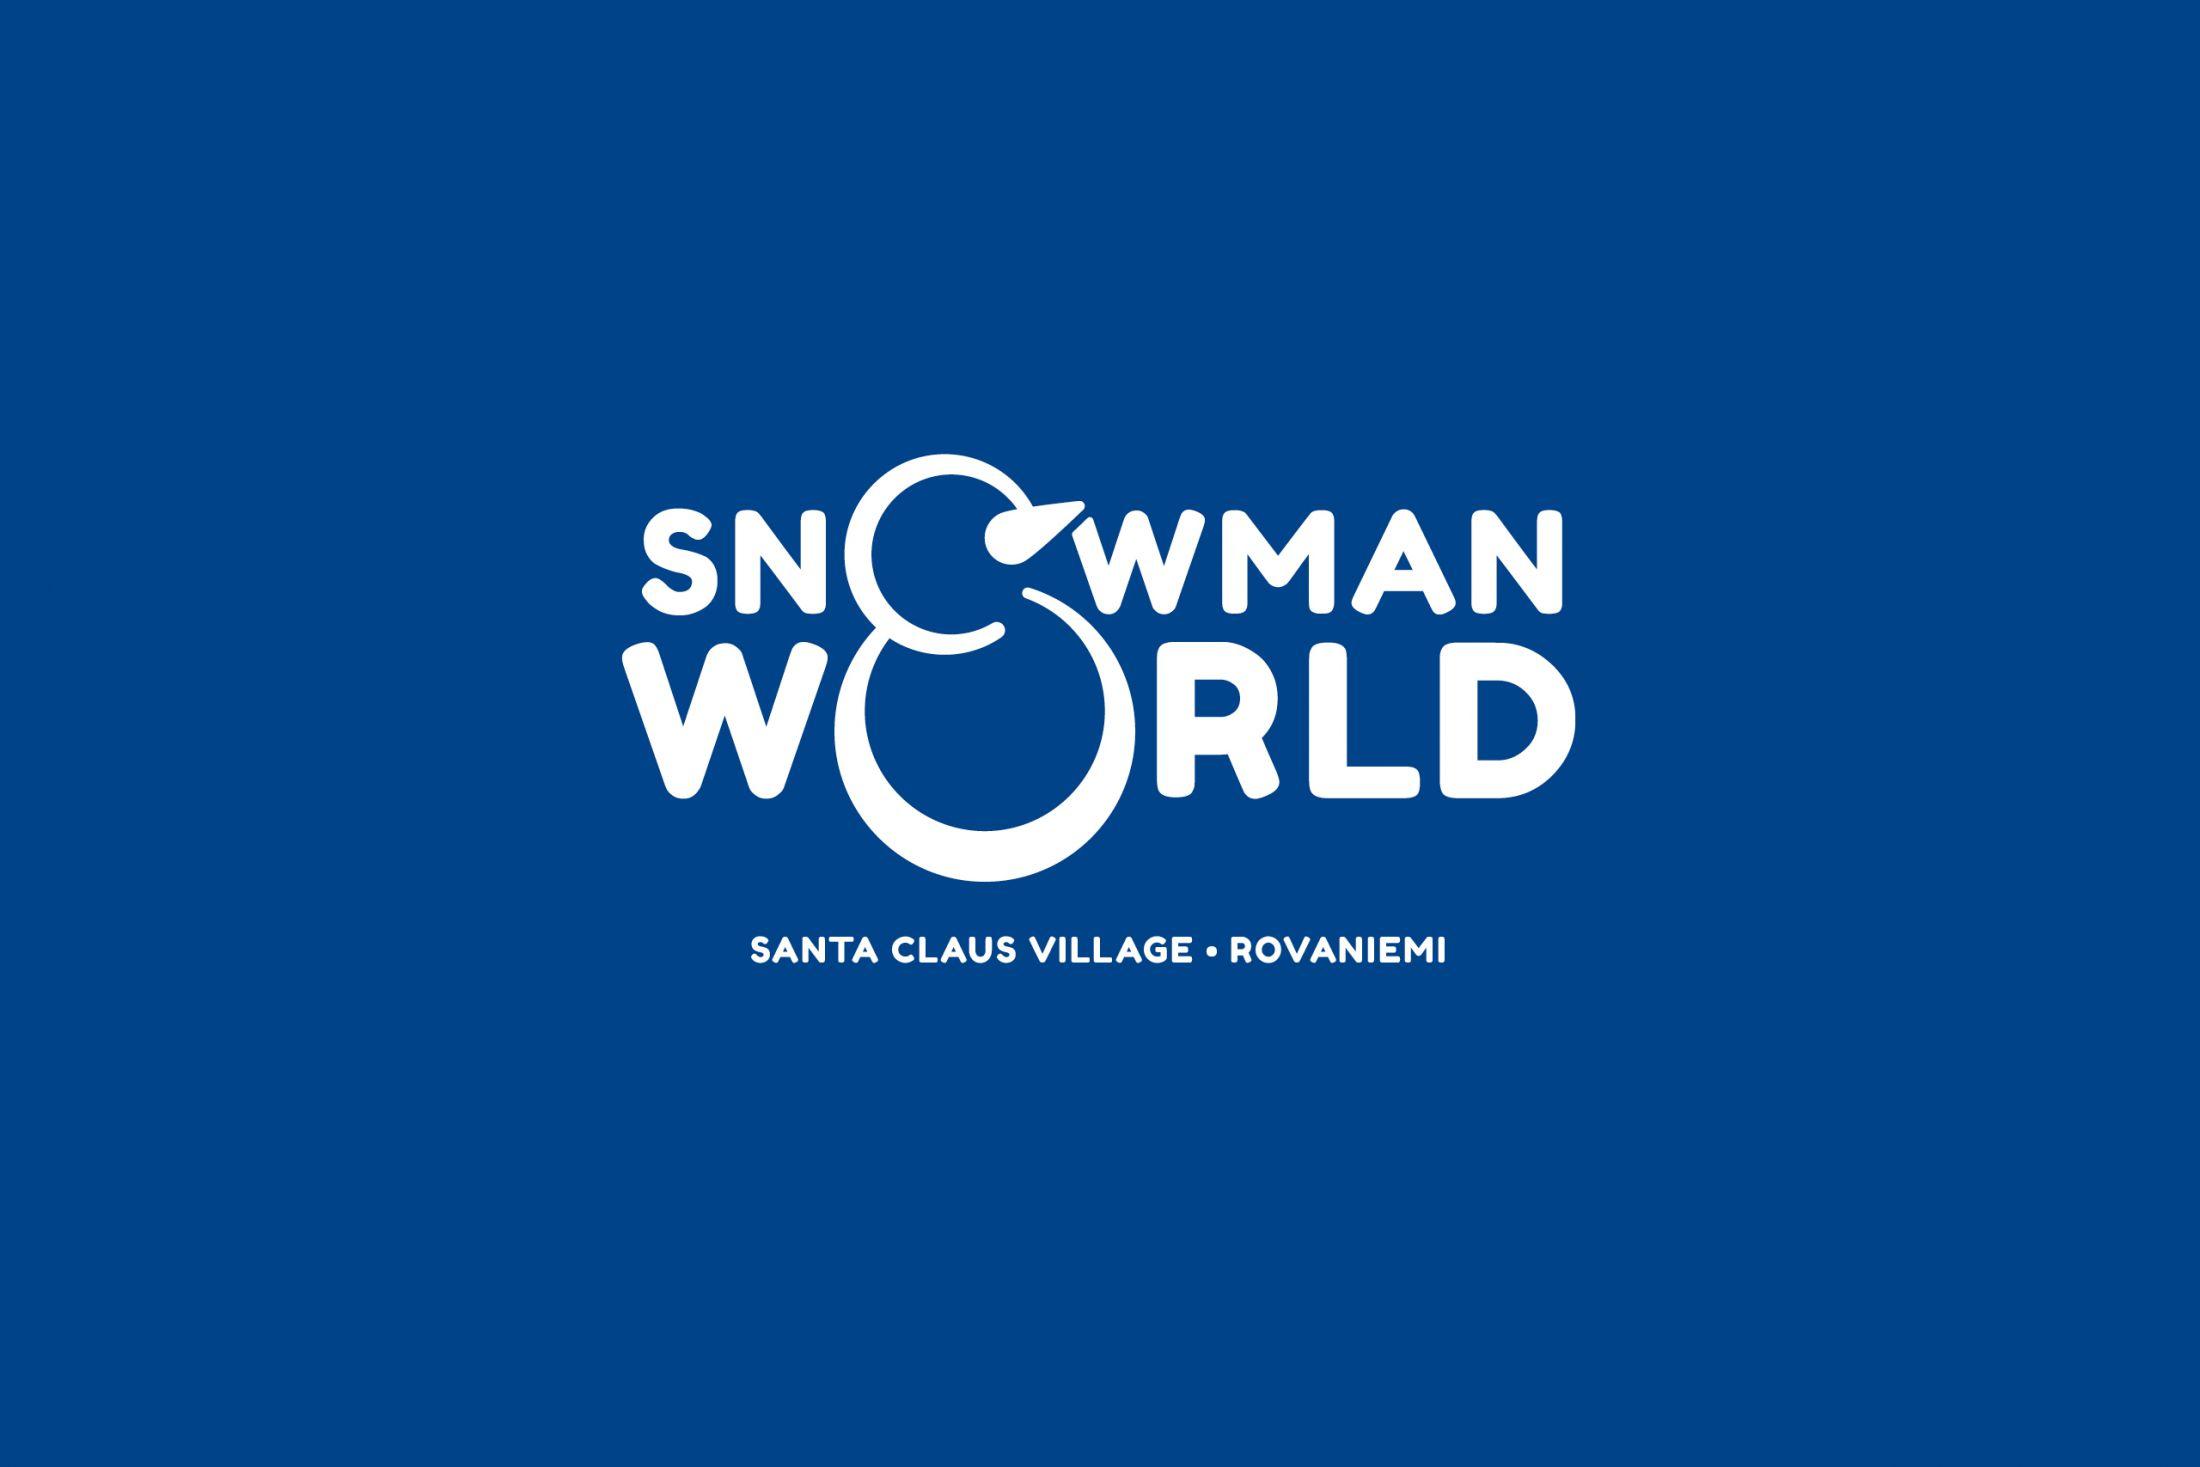 snowman_world_logo_vaaka.jpg